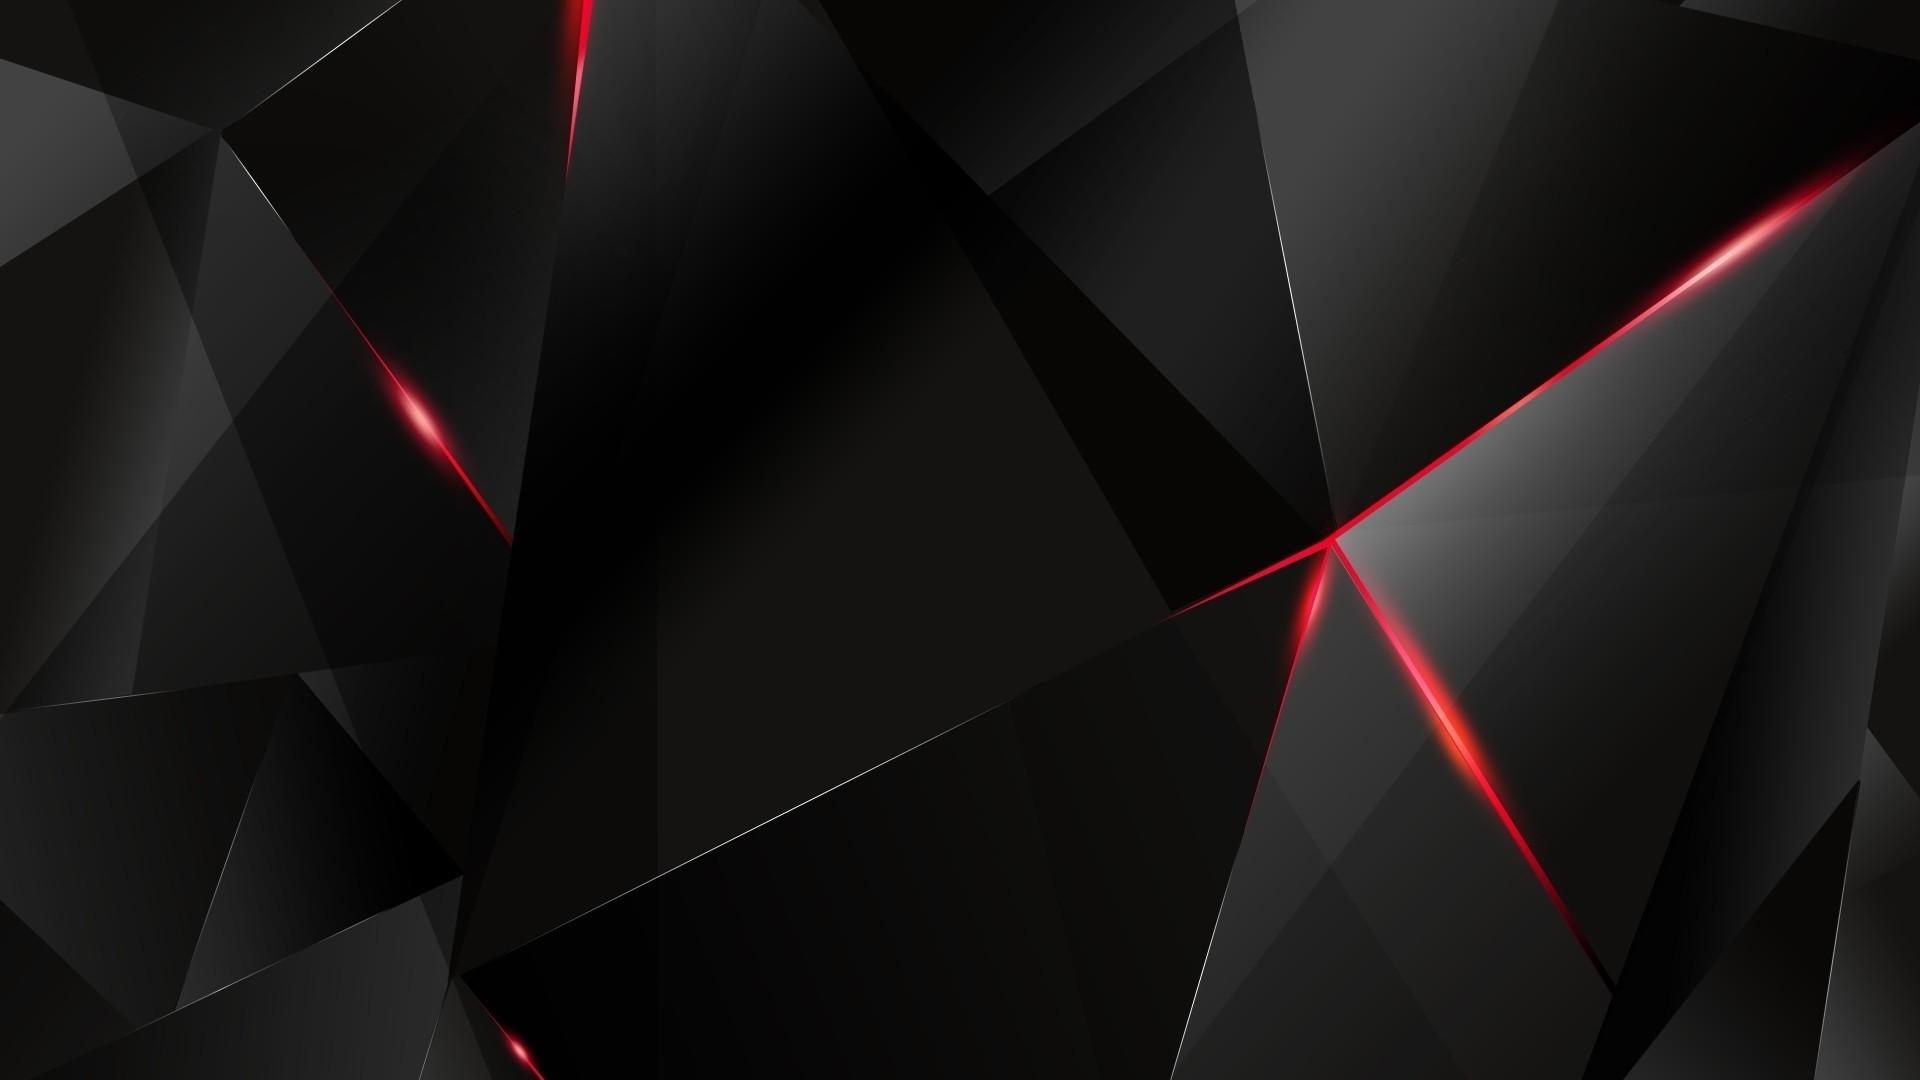 デスクトップ壁紙 黒 デジタルアート モノクロ 赤 対称 三角形 サークル ブランド ホイール 形状 設計 ライン スクリーンショット 19x1080 Px コンピュータの壁紙 フォント 19x1080 デスクトップ壁紙 Wallhere